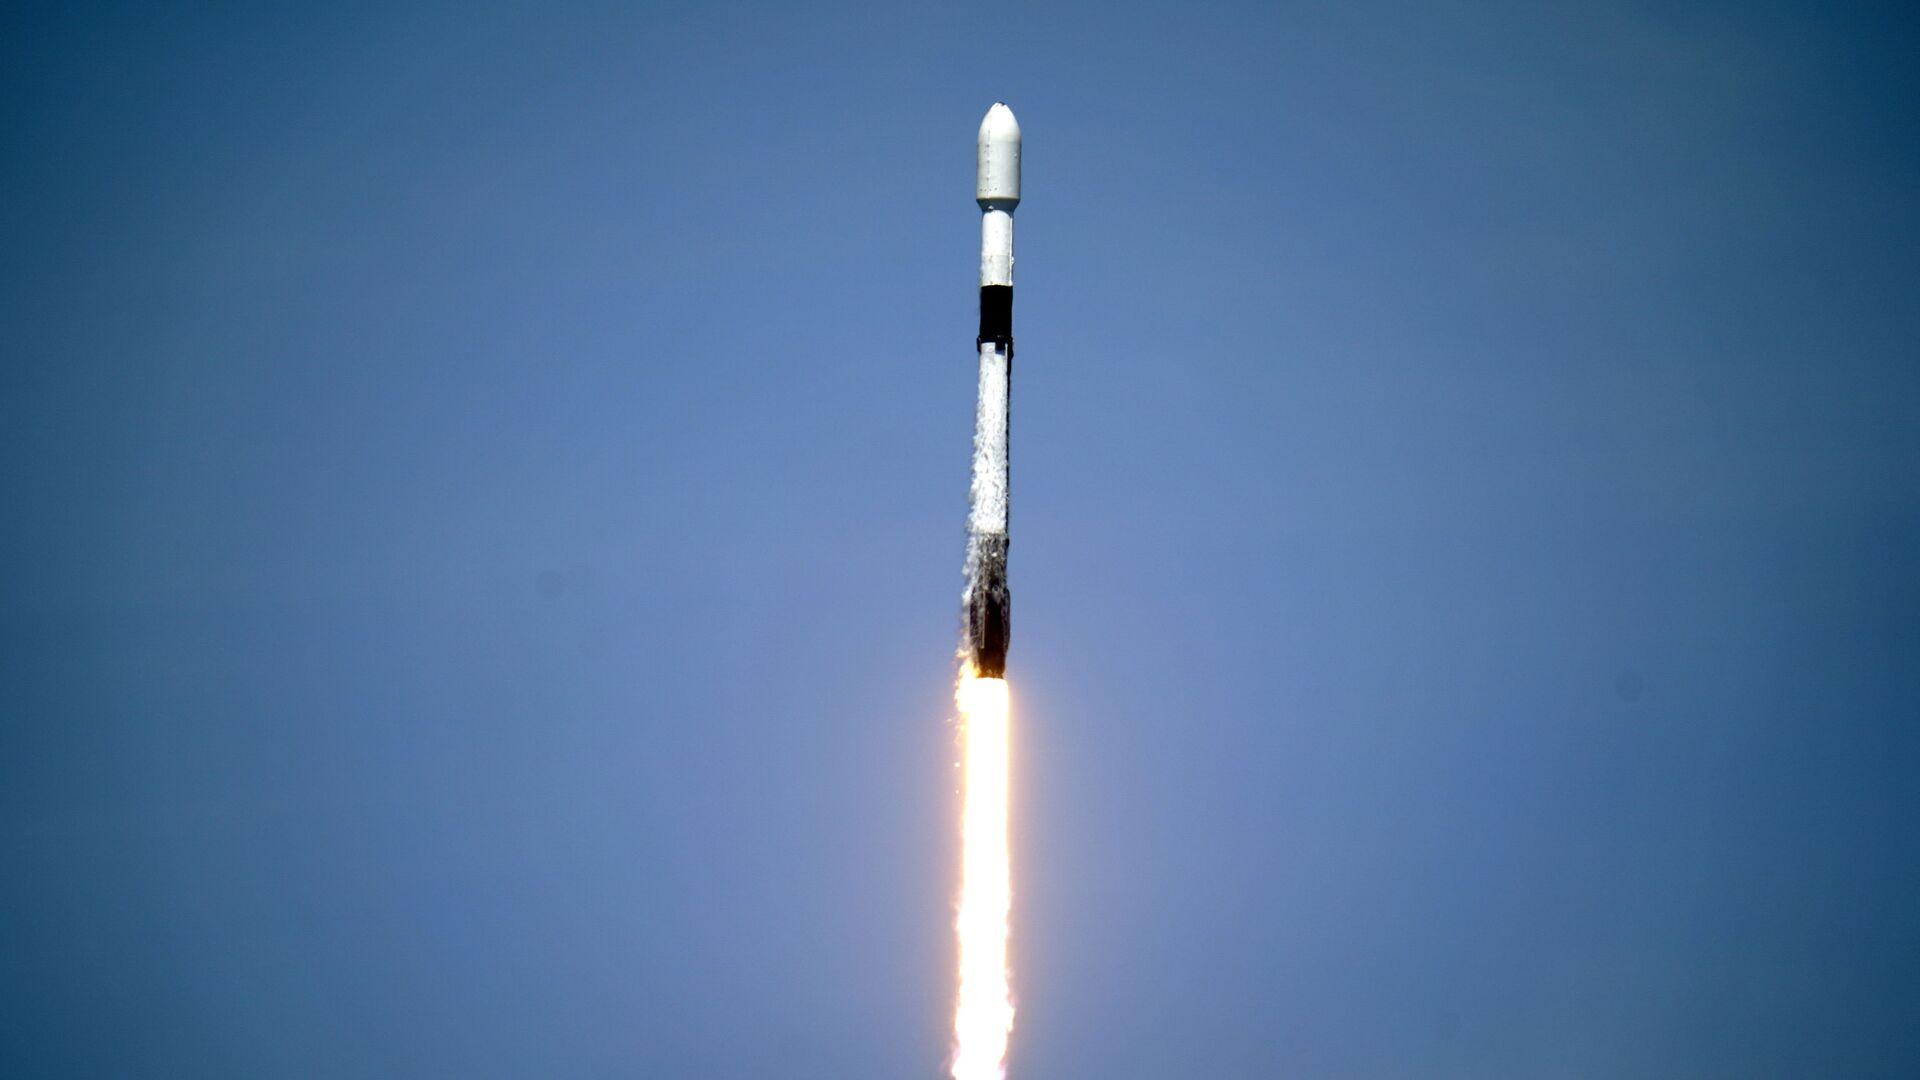 Il razzo di SpaceX Falcon 9 con il 26° lotto di circa 60 satelliti per la rete a banda larga Starlink lanciato dal pad 39A al Kennedy Space Center di Cape Canaveral, Fla., martedì 4 maggio 2021.  - Sputnik Italia, 1920, 06.06.2021